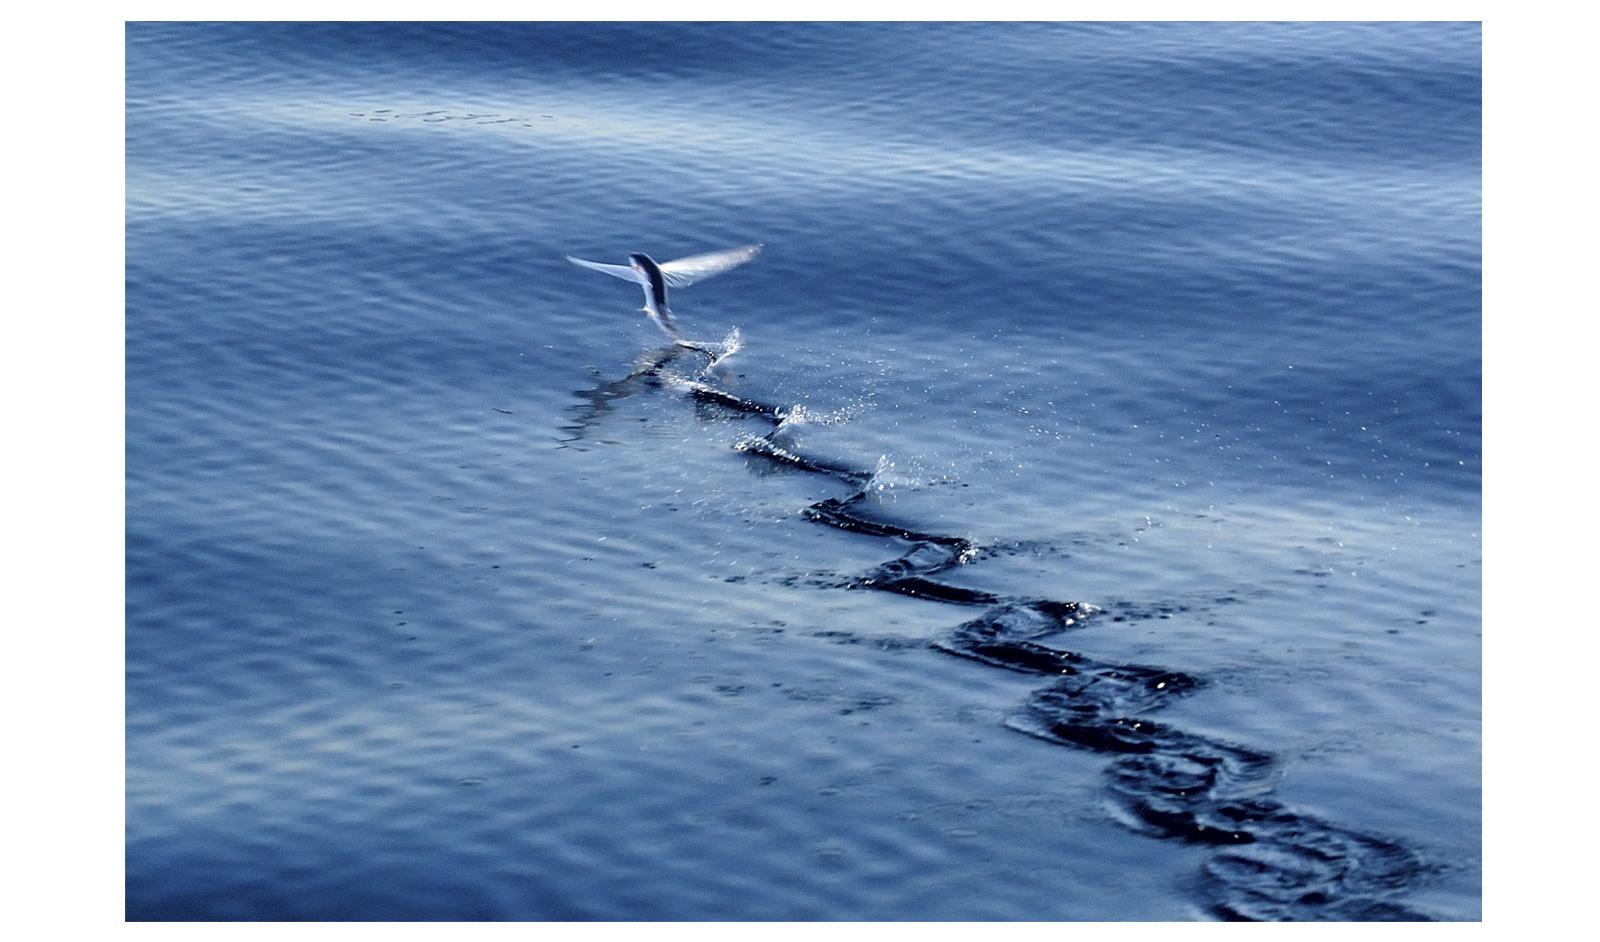 Hendrik-Louw---Flying-fish-Isimangaliso-Wetland-Park